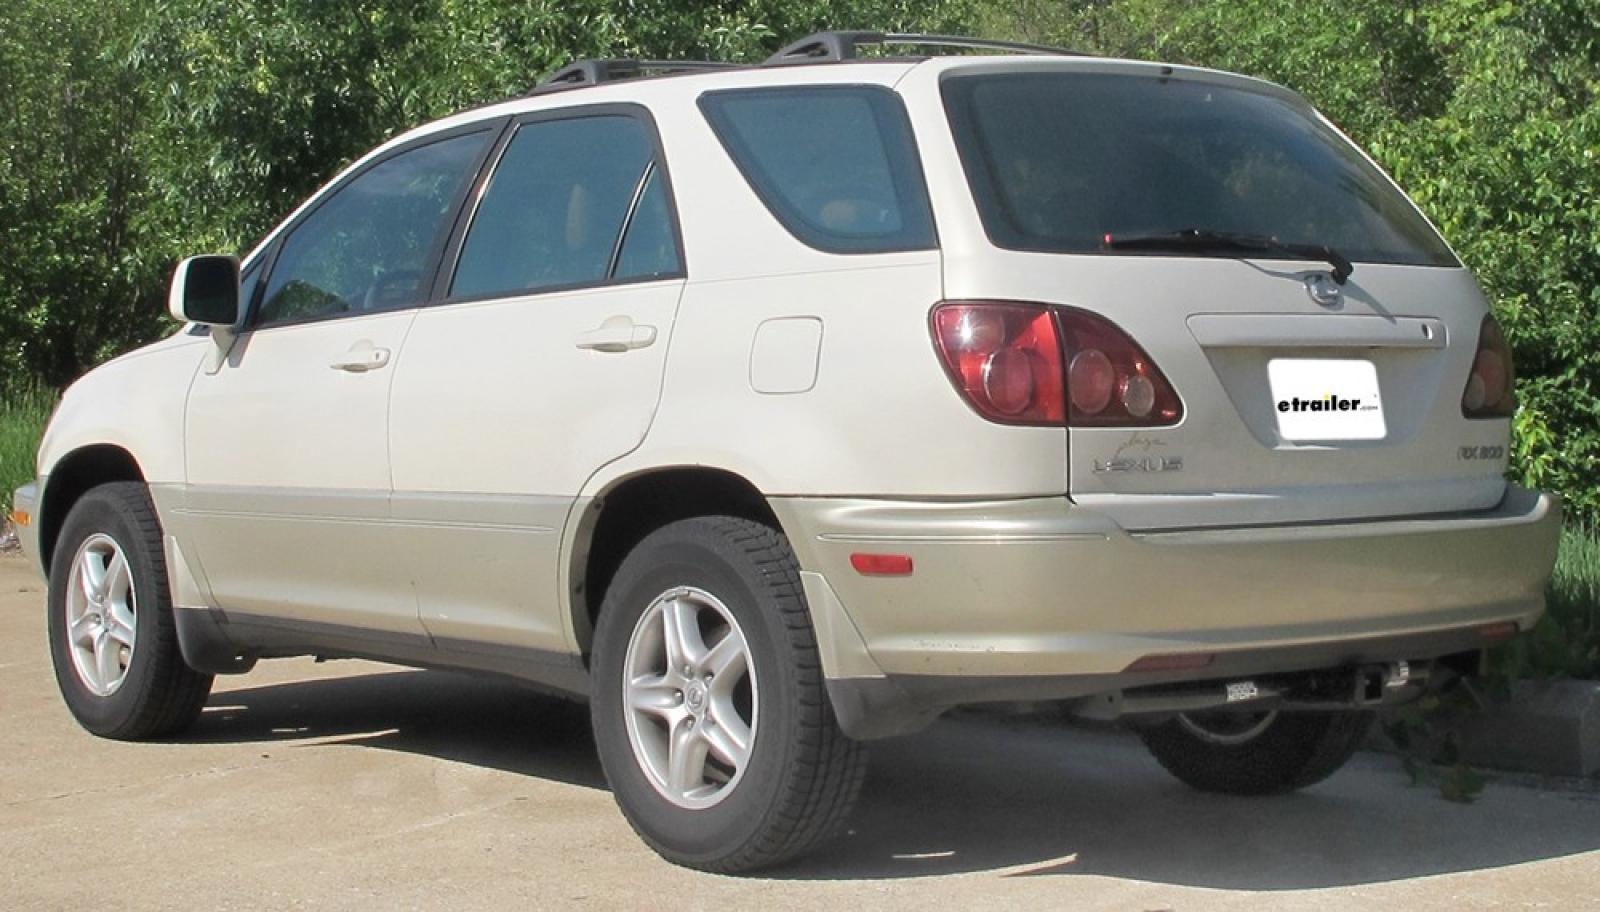 800 1024 1280 1600 origin 2000 Lexus ...